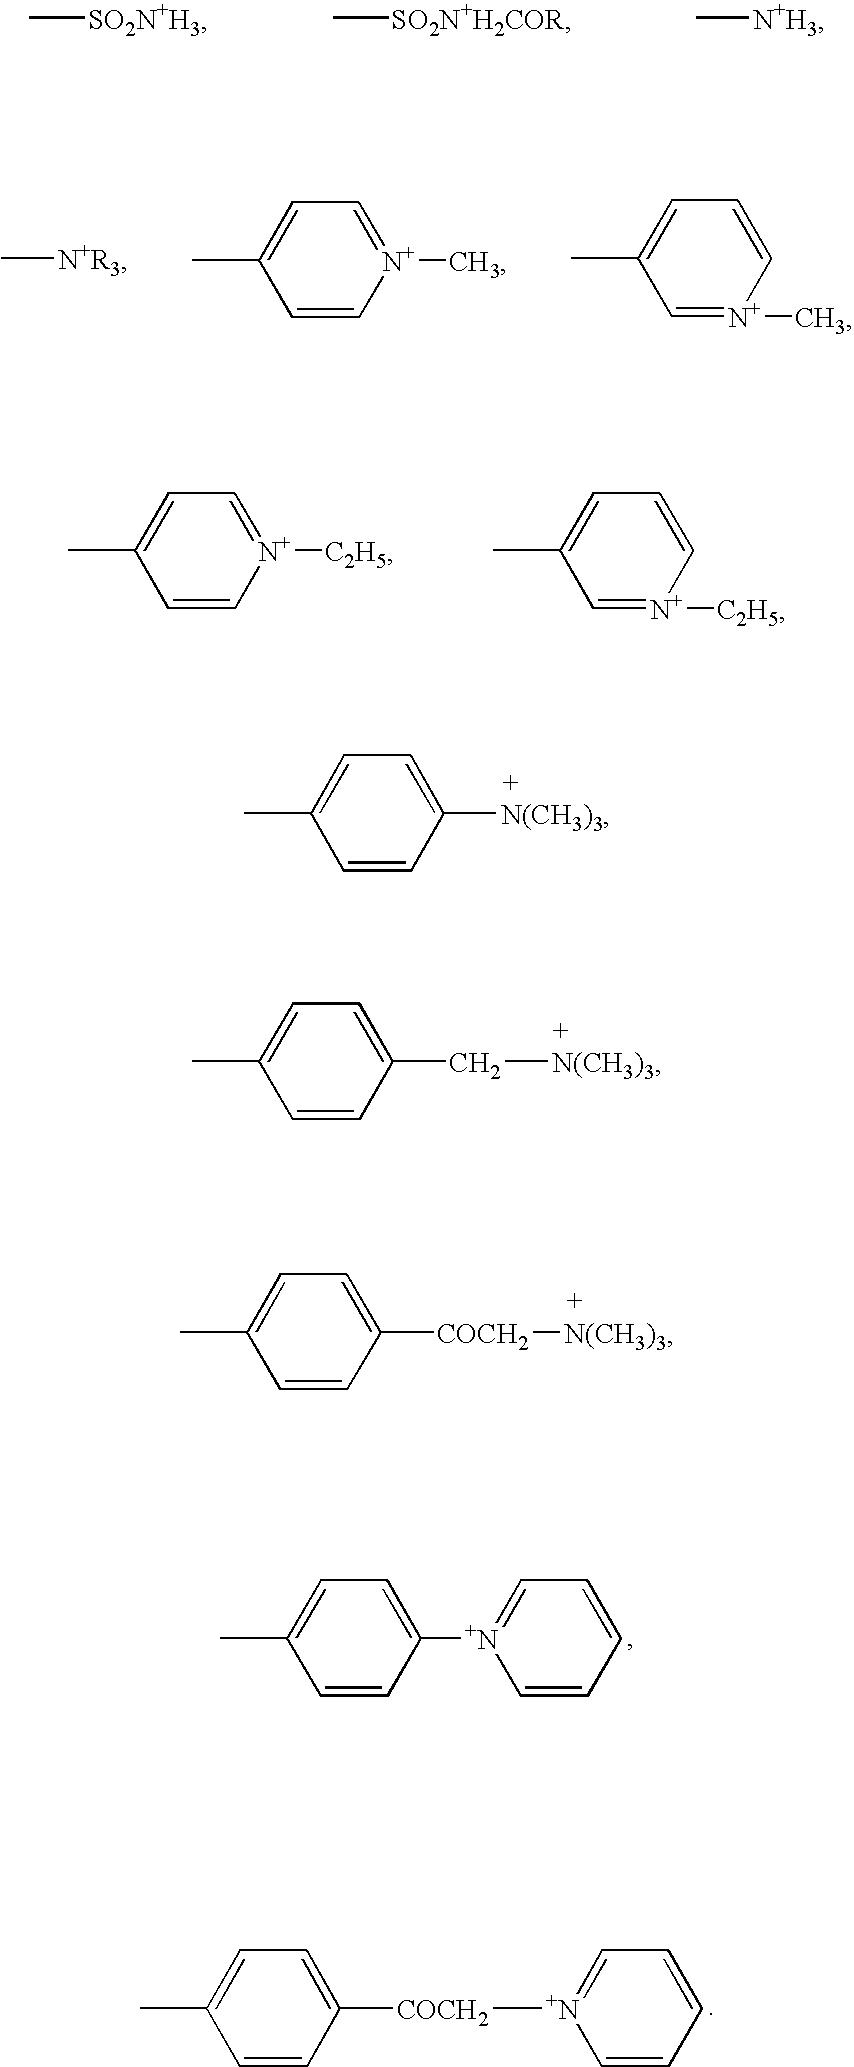 Figure US07198837-20070403-C00001